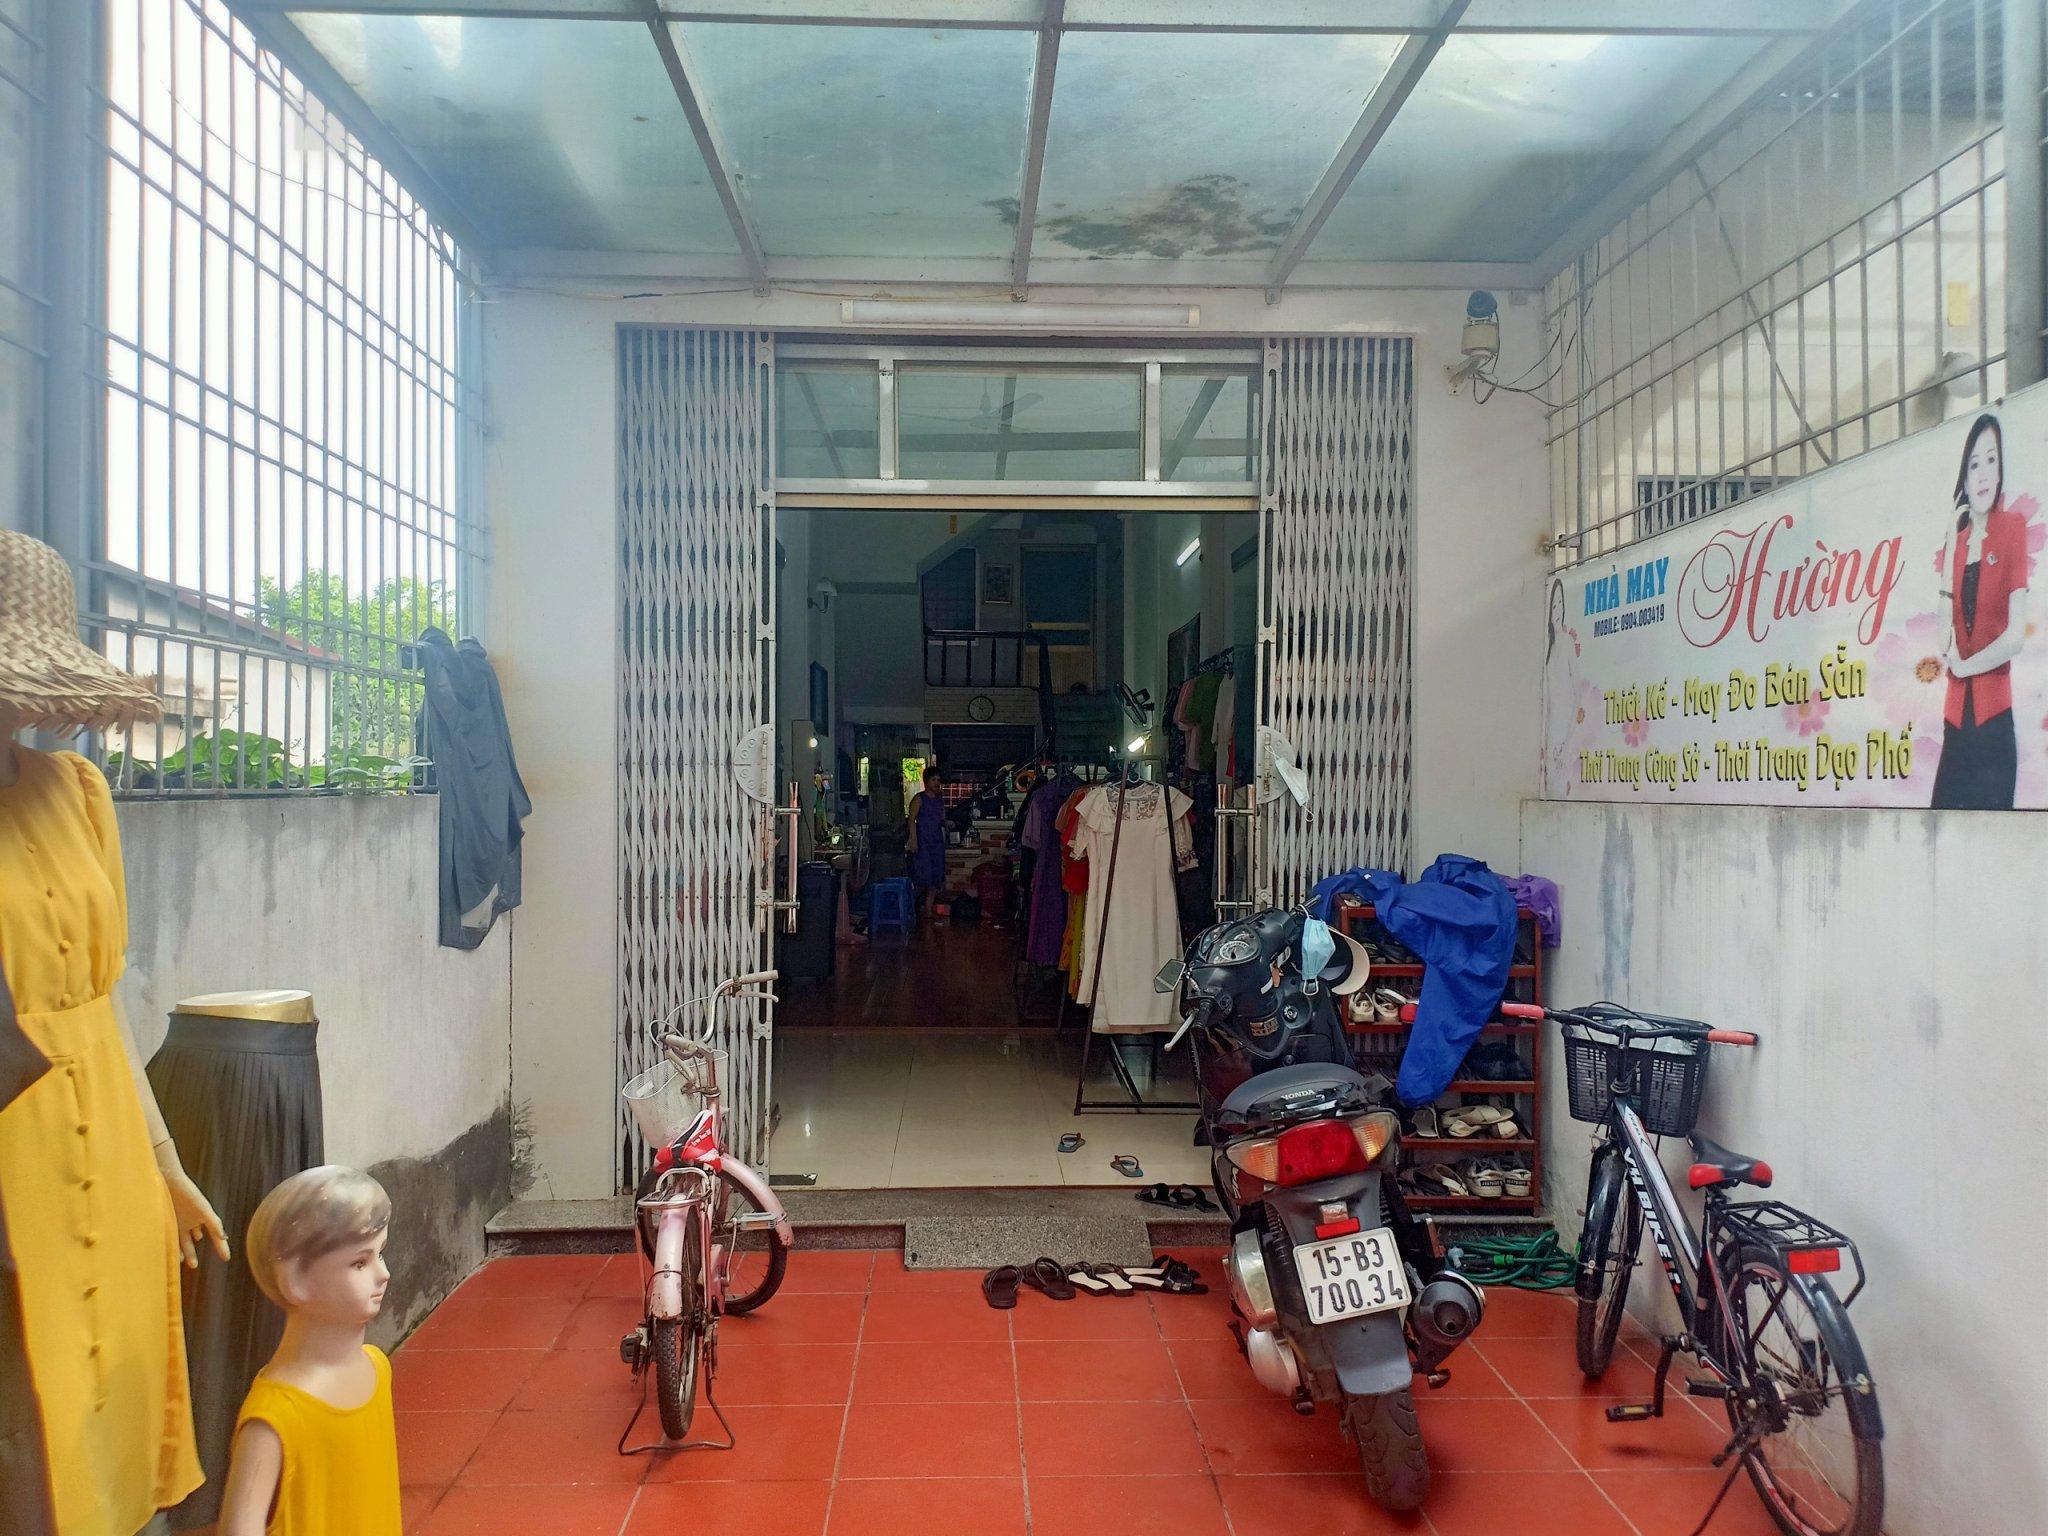 Bán nhà 3 tầng đẹp mặt đường 208 An Đồng, An Dương, Hải Phòng.